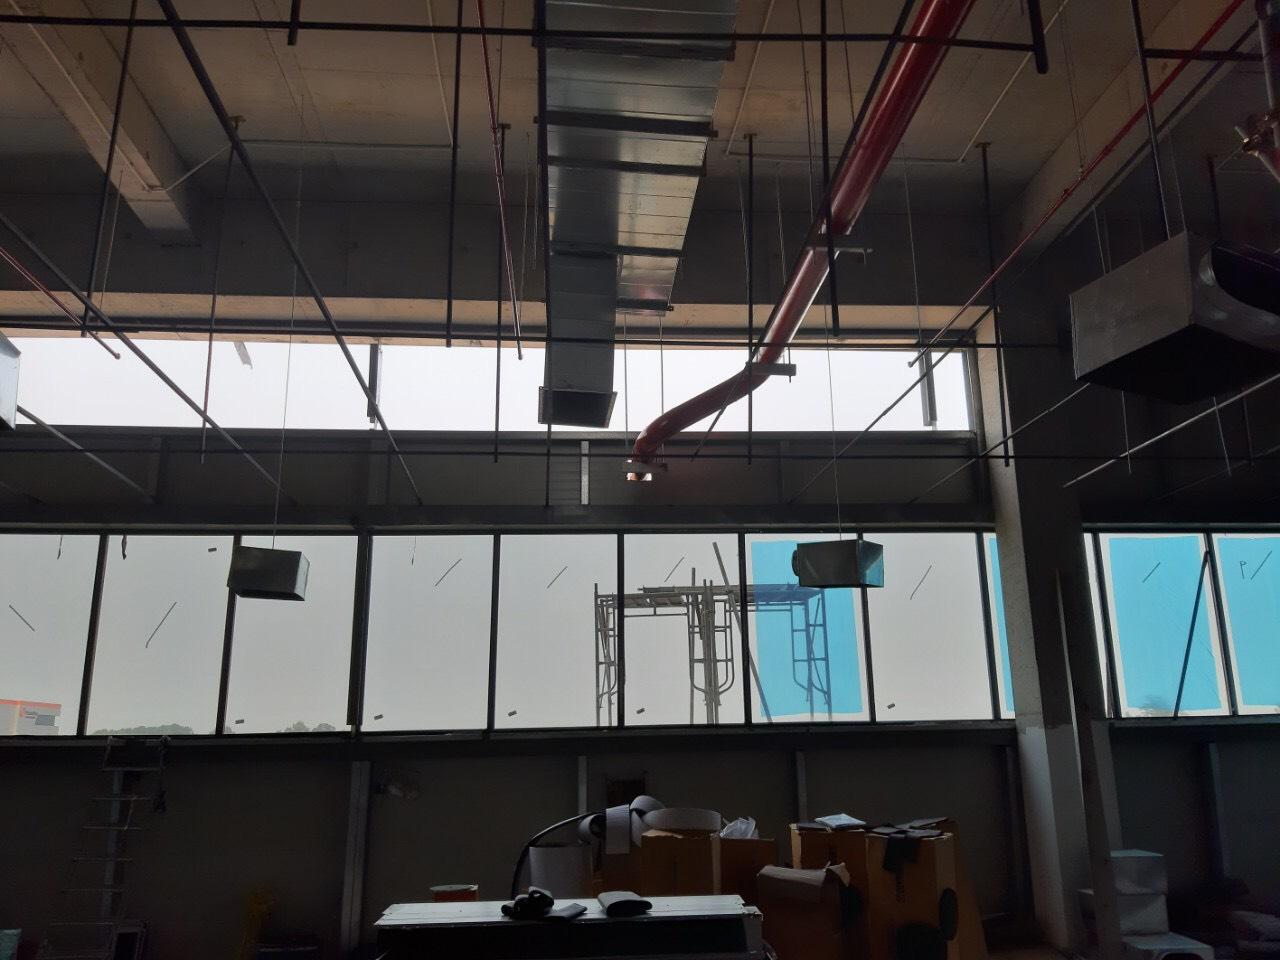 Phim cách nhiệt cho nhà máy VinsMart – Khu CNC Láng Hòa Lạc